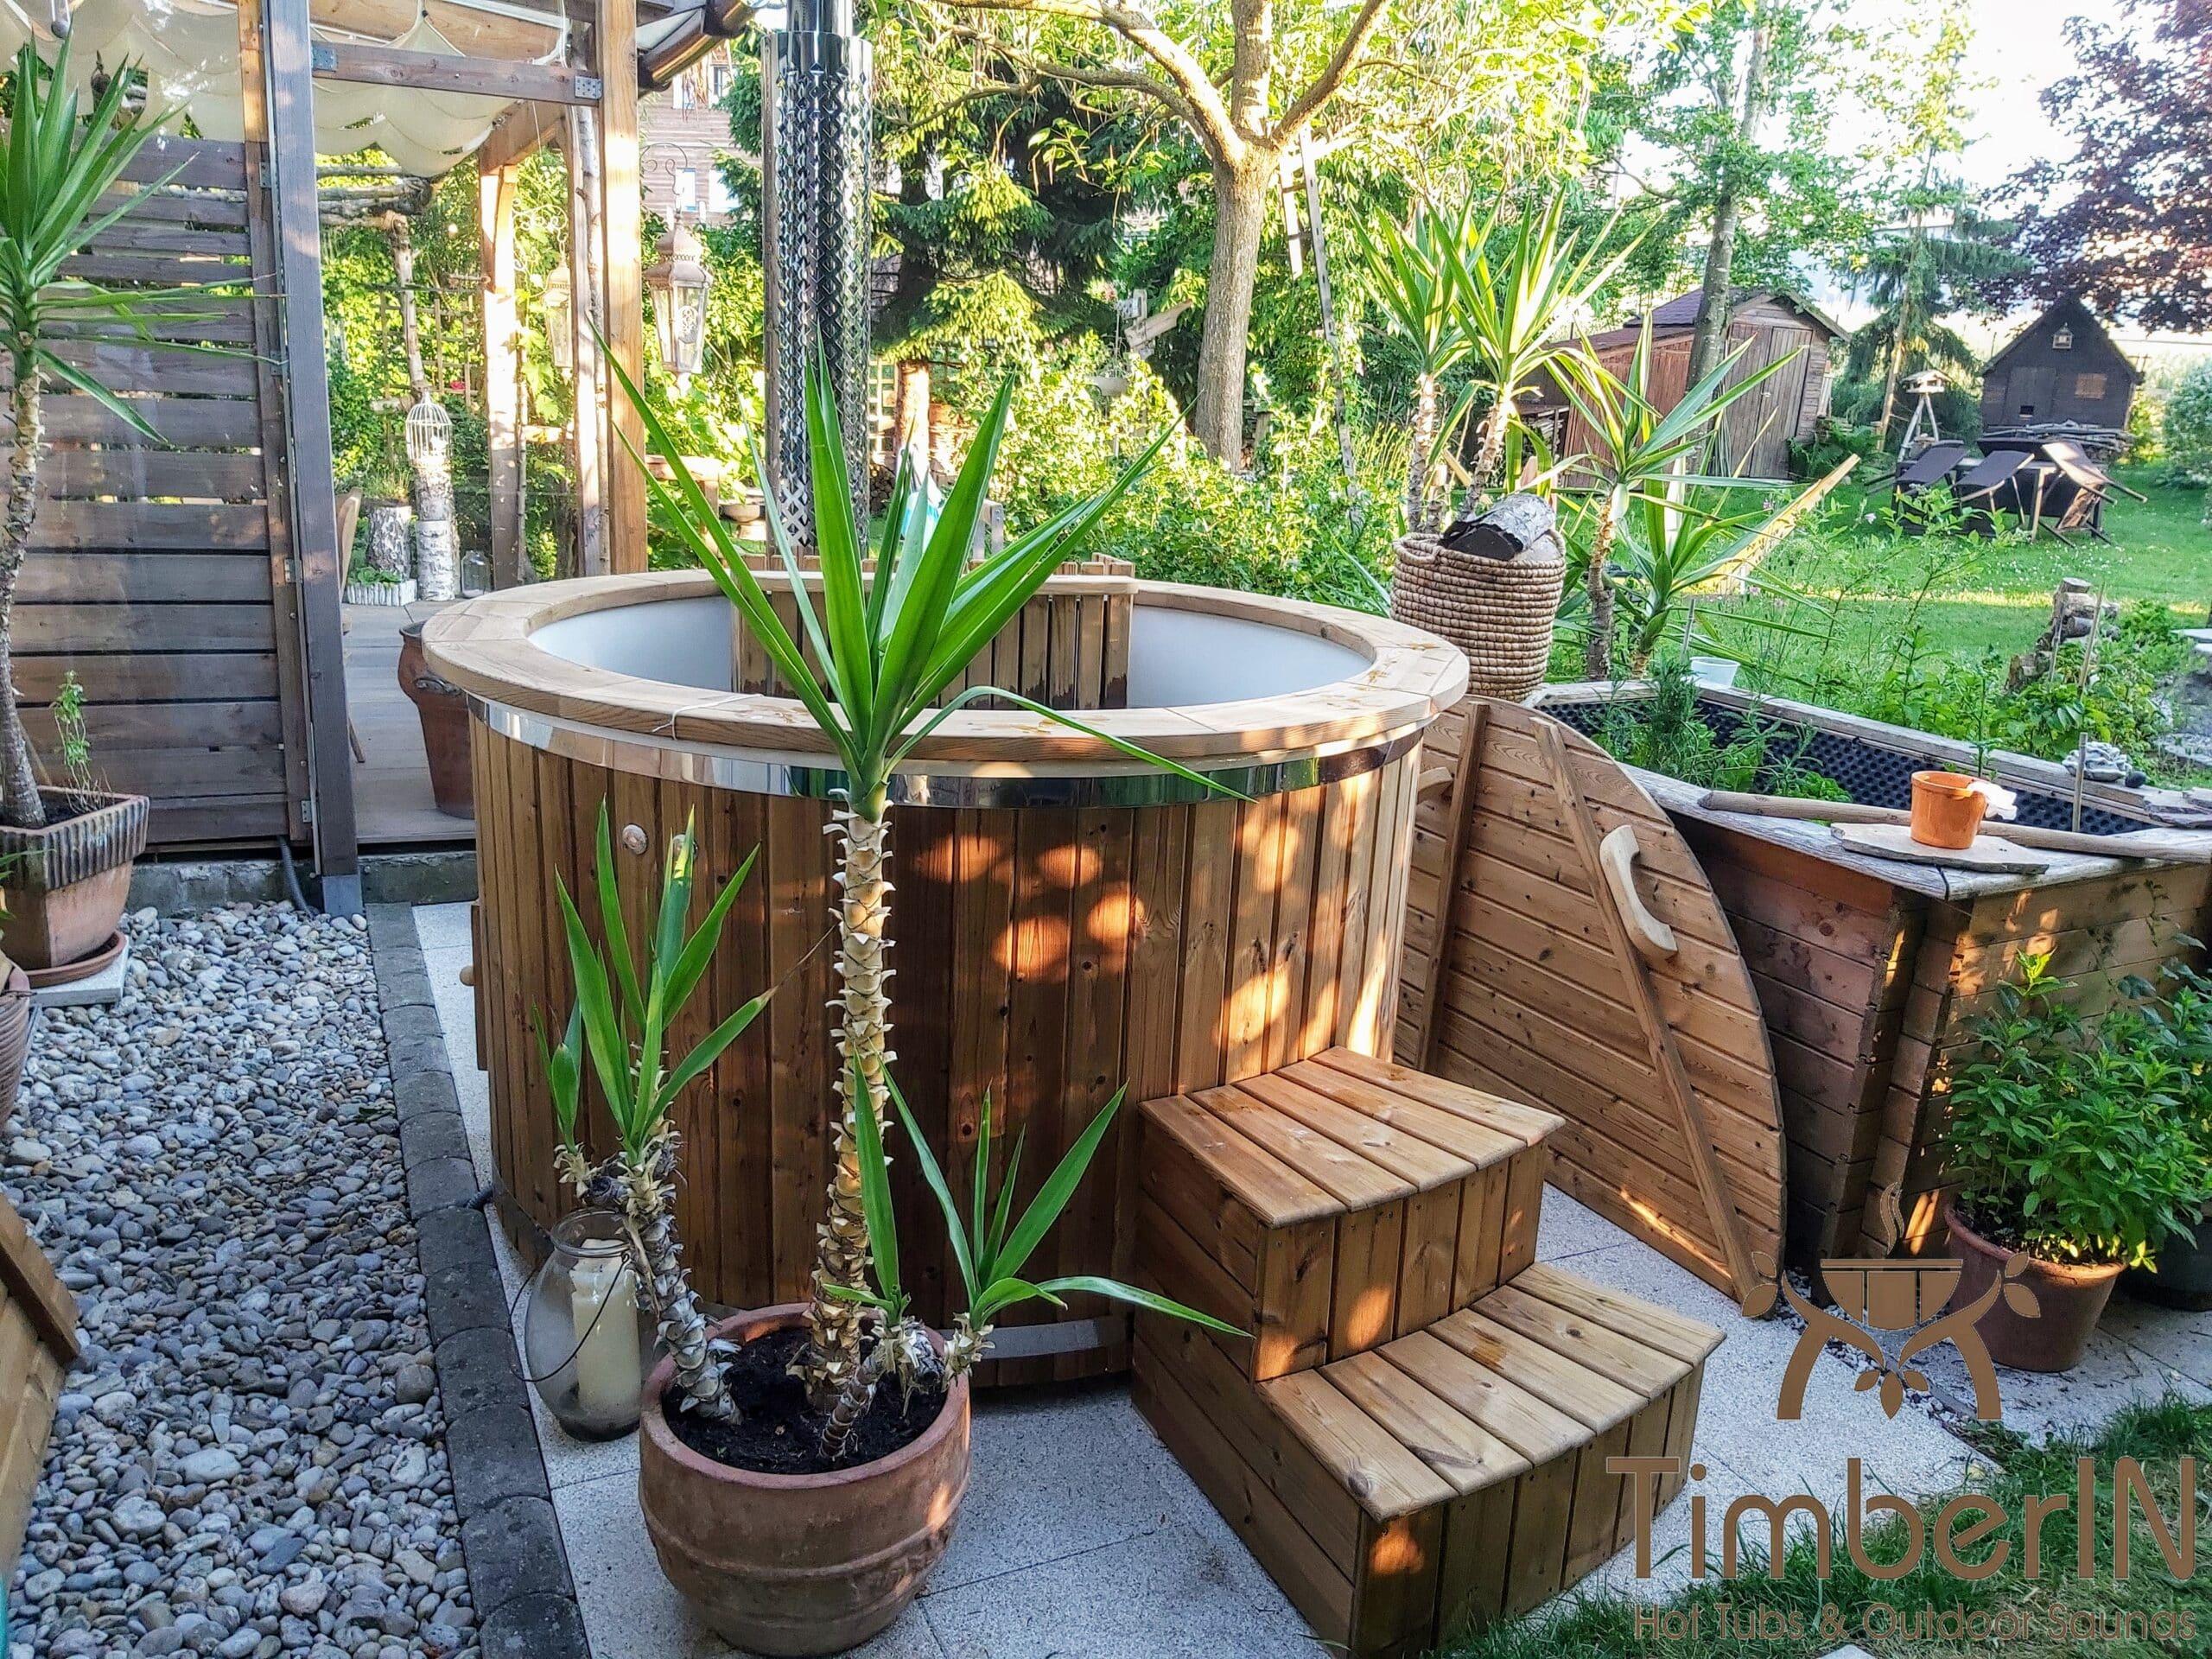 Badefass Badezuber Garten mit Innenofen GFK 2 1 scaled